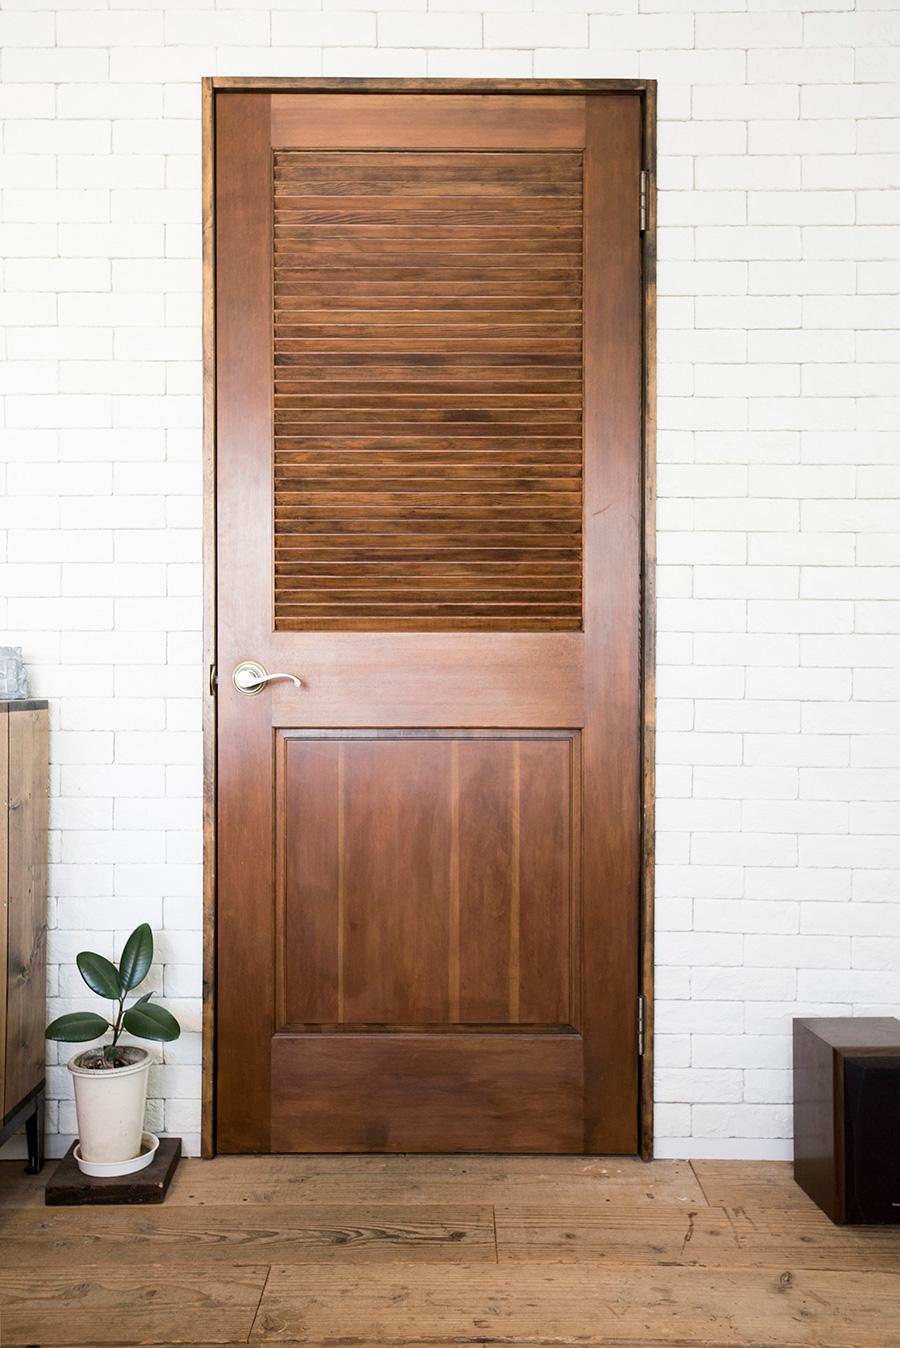 ネットで探した白木のドアに、ウォルナット色のワックスを塗装。ムラが出て使い込んだ味に。